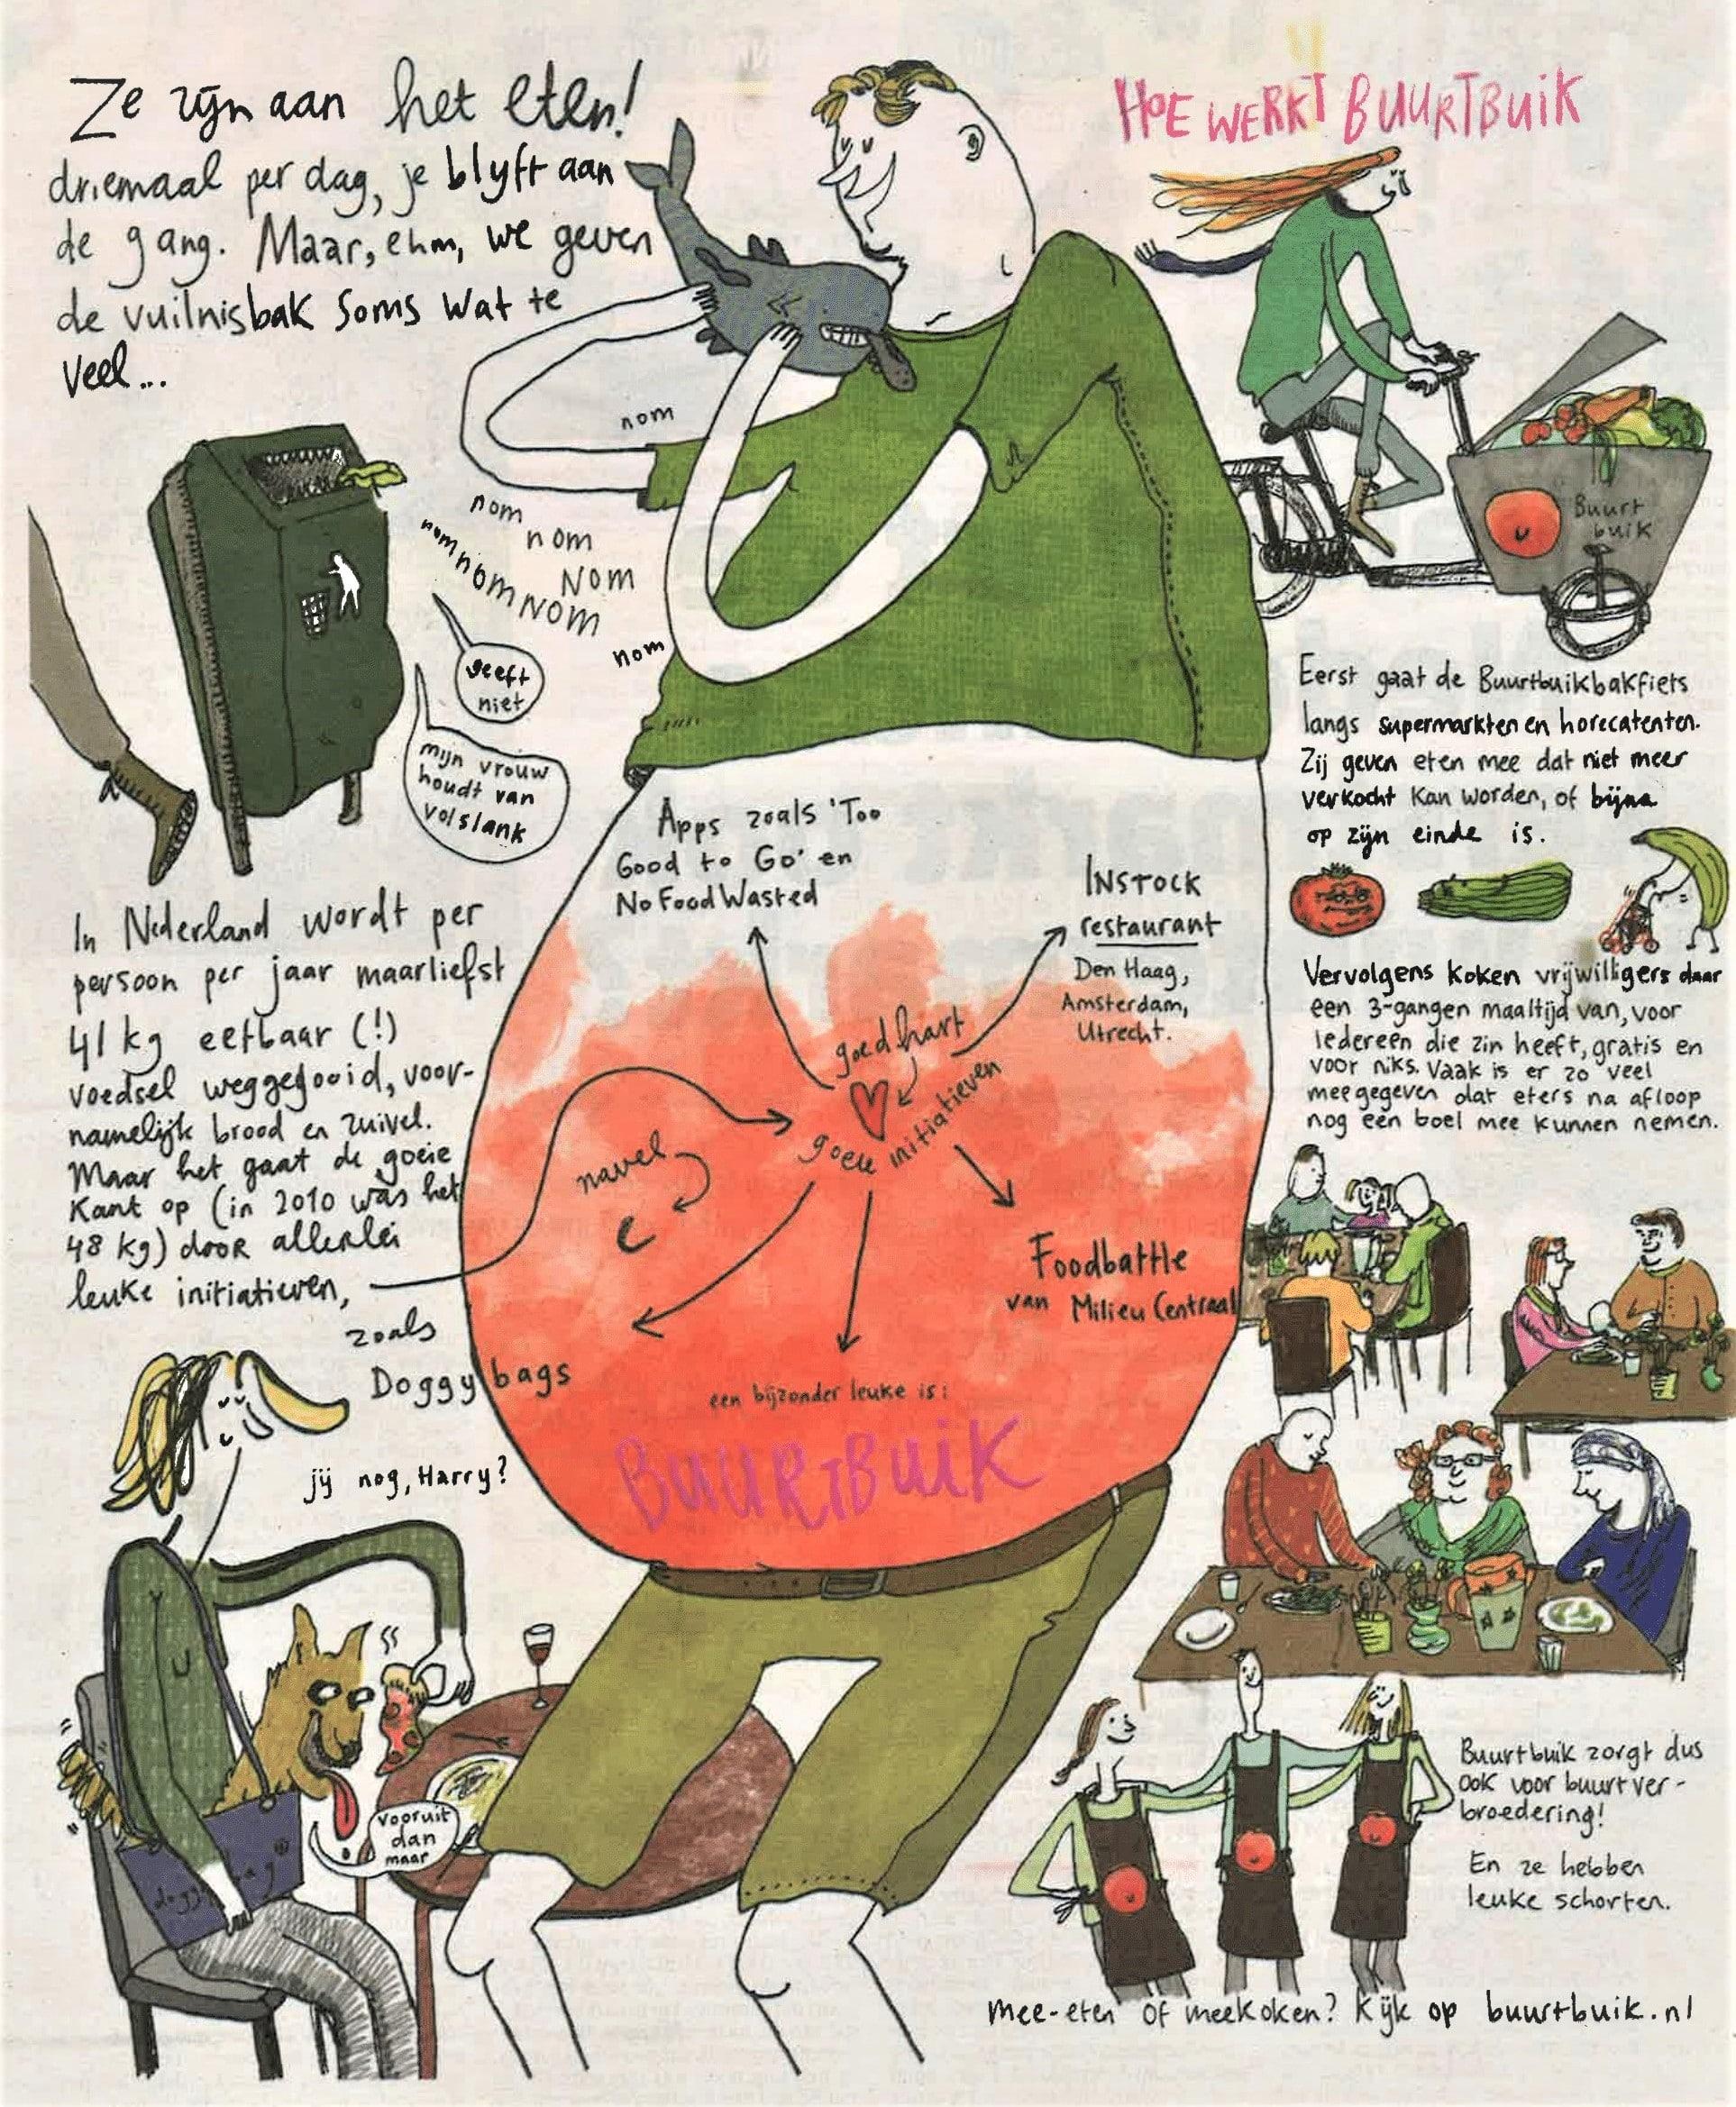 Illustratie BuurtBuik Micky Dirk Zwager